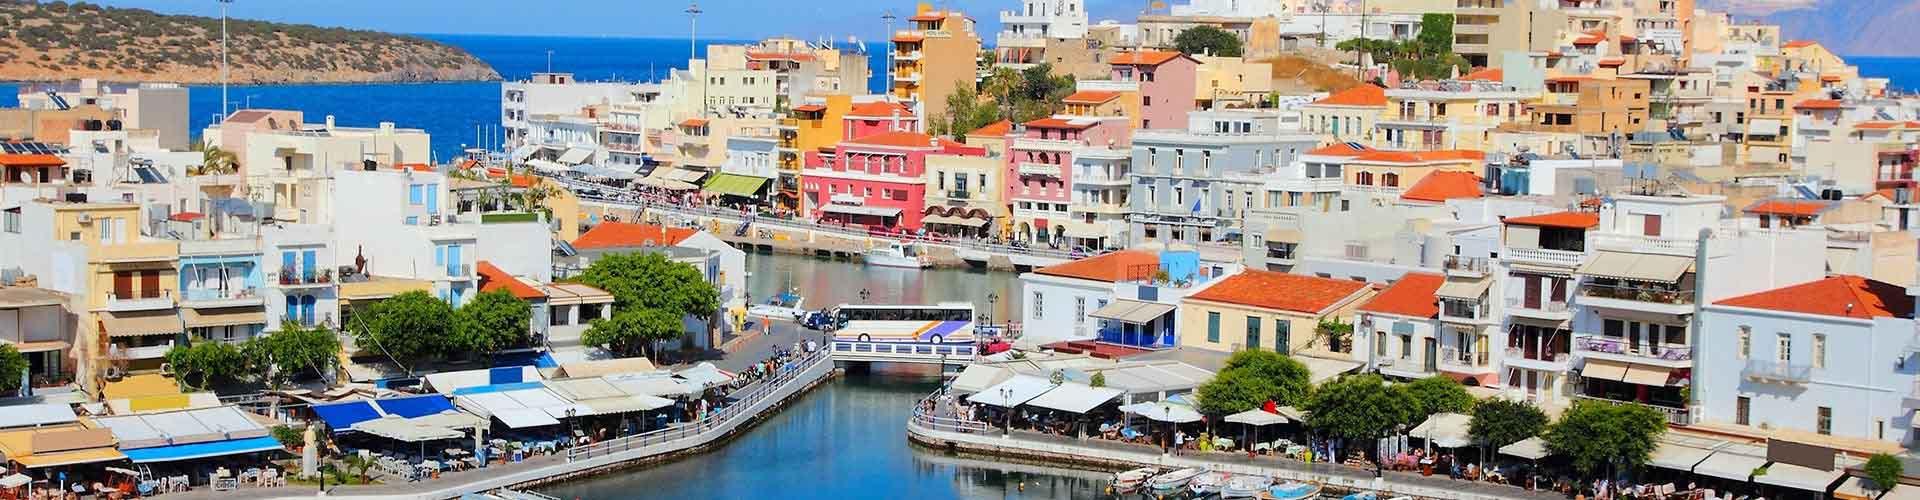 クレタ島 – ホステル クレタ島. 地図 クレタ島, すべてのホステルの写真とレビュー クレタ島.